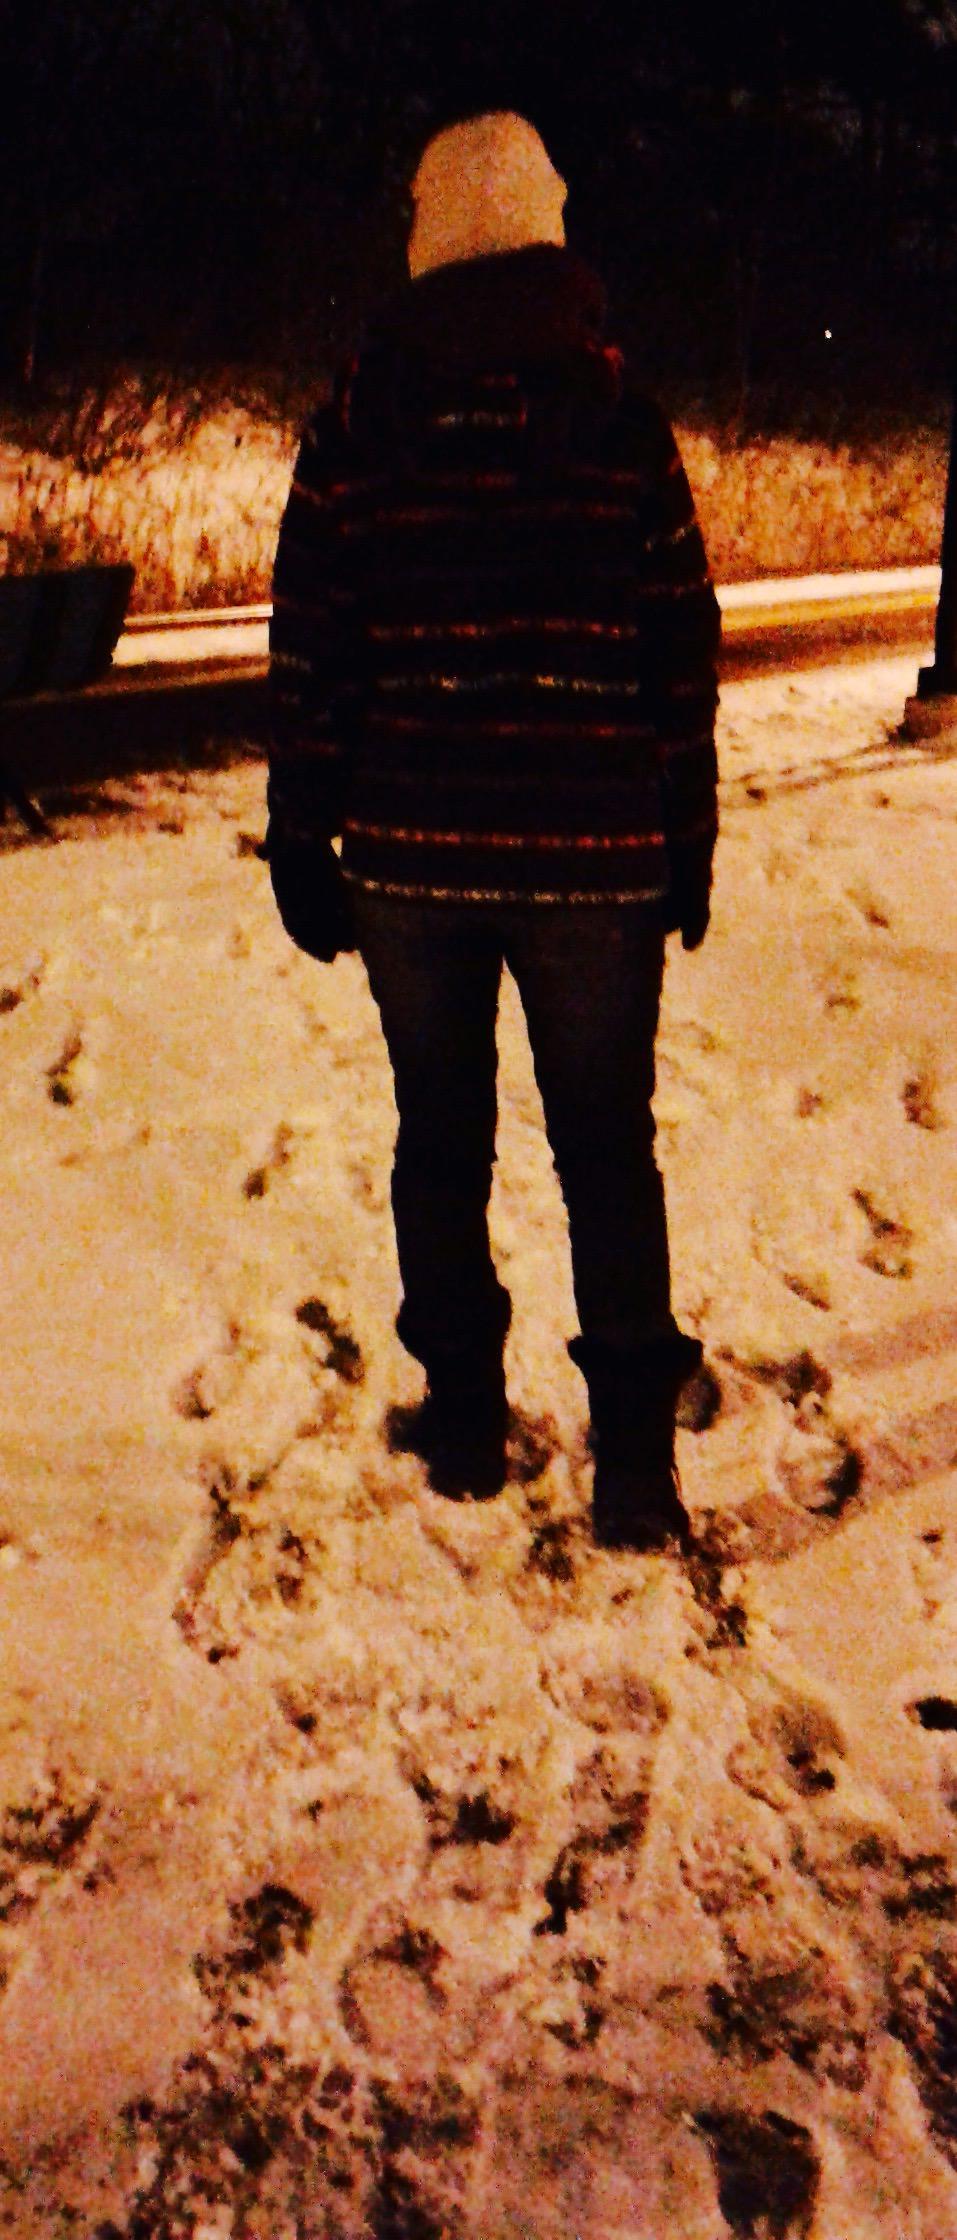 Steve Giasson. Performance invisible n° 73 (Laisser des traces de pas dans la neige parmi d'autres traces de pas.) Performeuse : Caroline Genest. Crédit photographique : Christine Corneau. 11 décembre 2016.